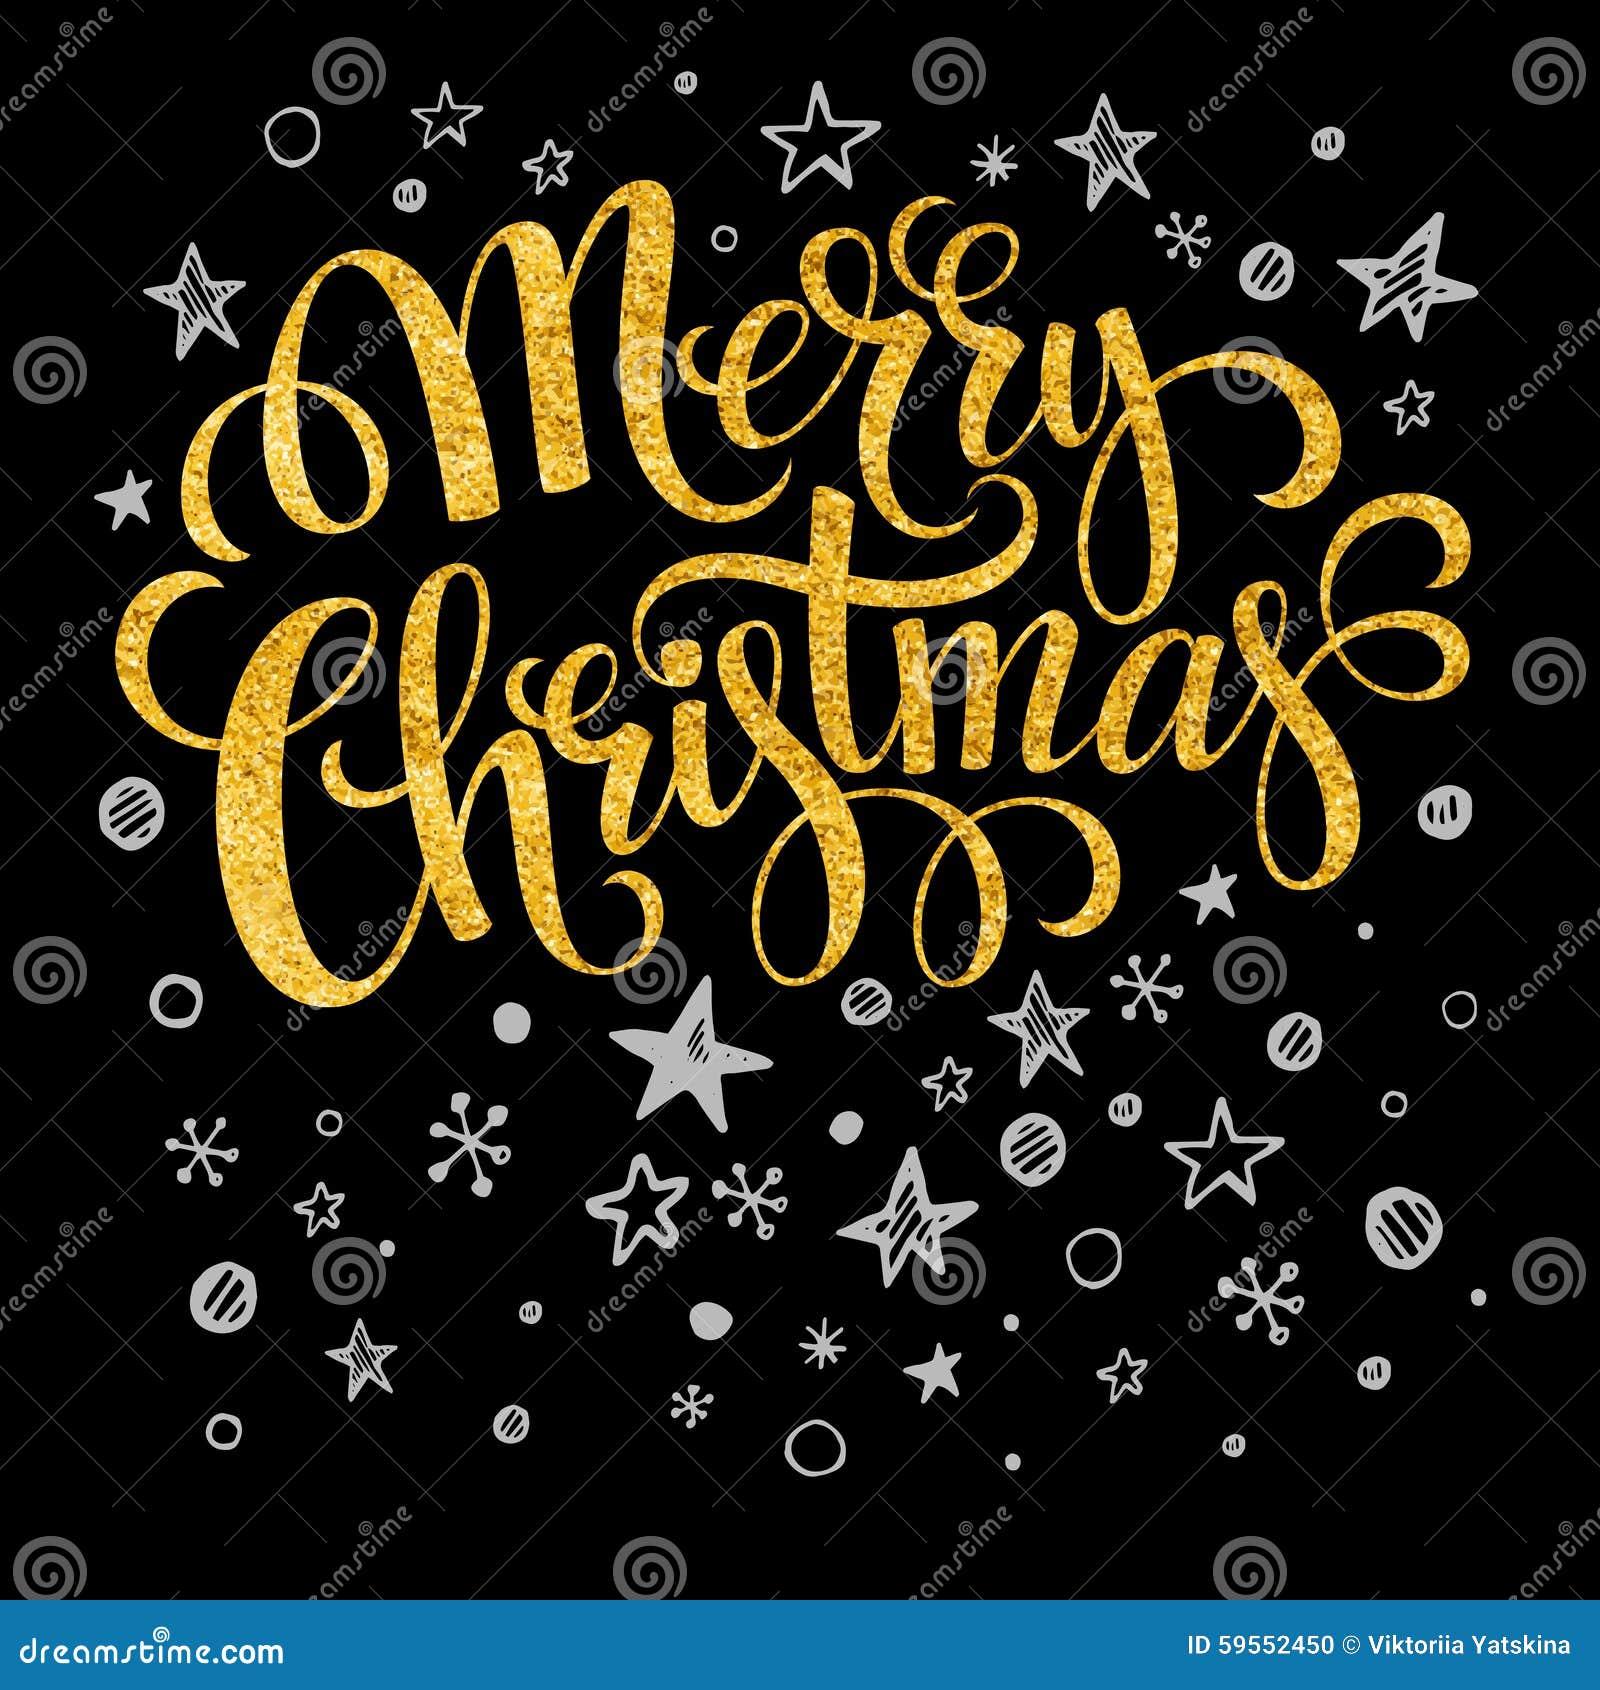 Merry Christmas Gold Glittering Lettering Design Stock Vector ...